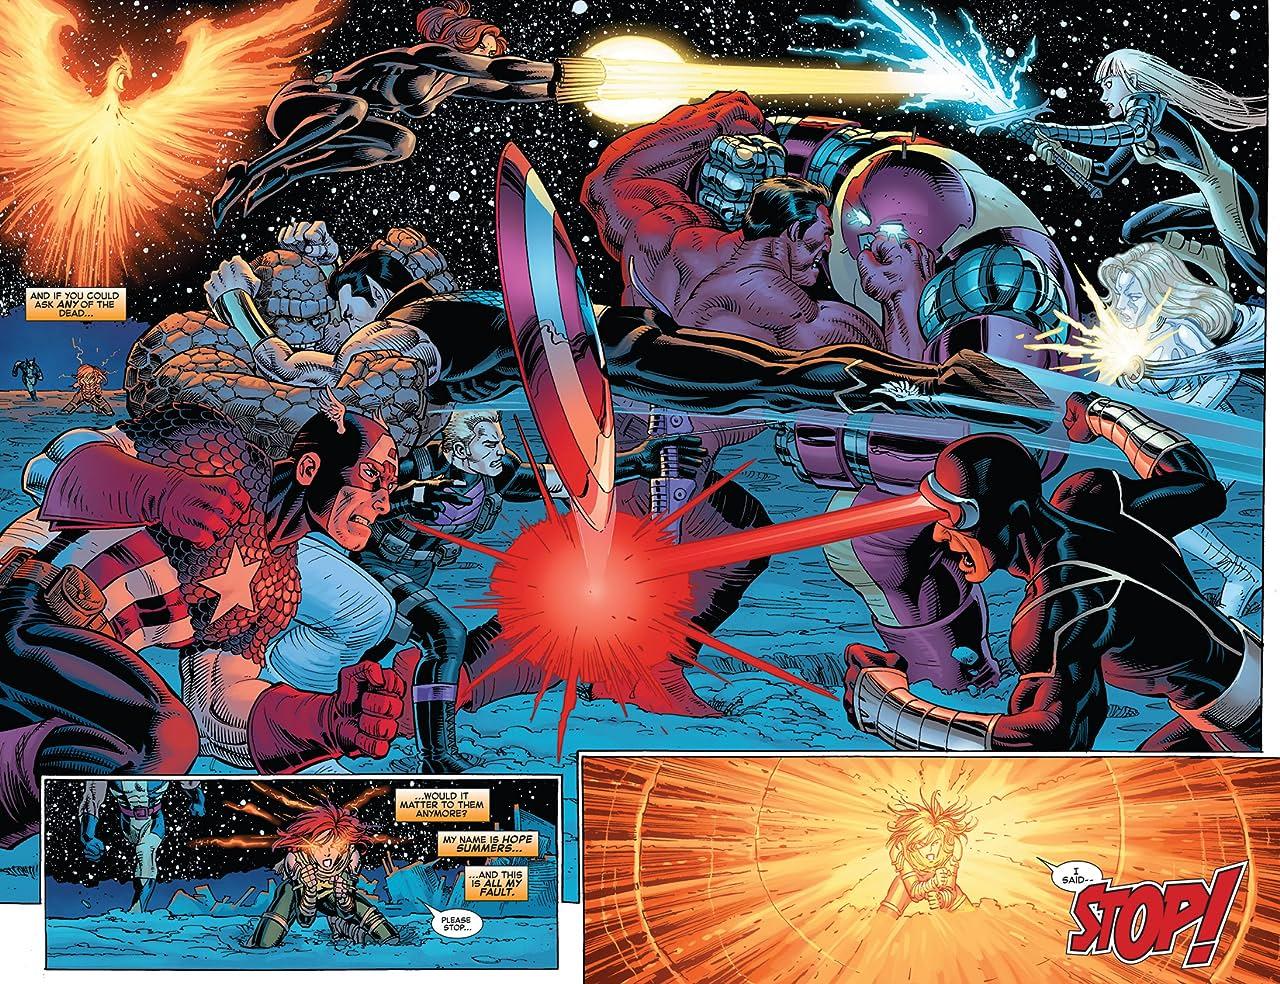 Avengers vs. X-Men #5 (of 12)